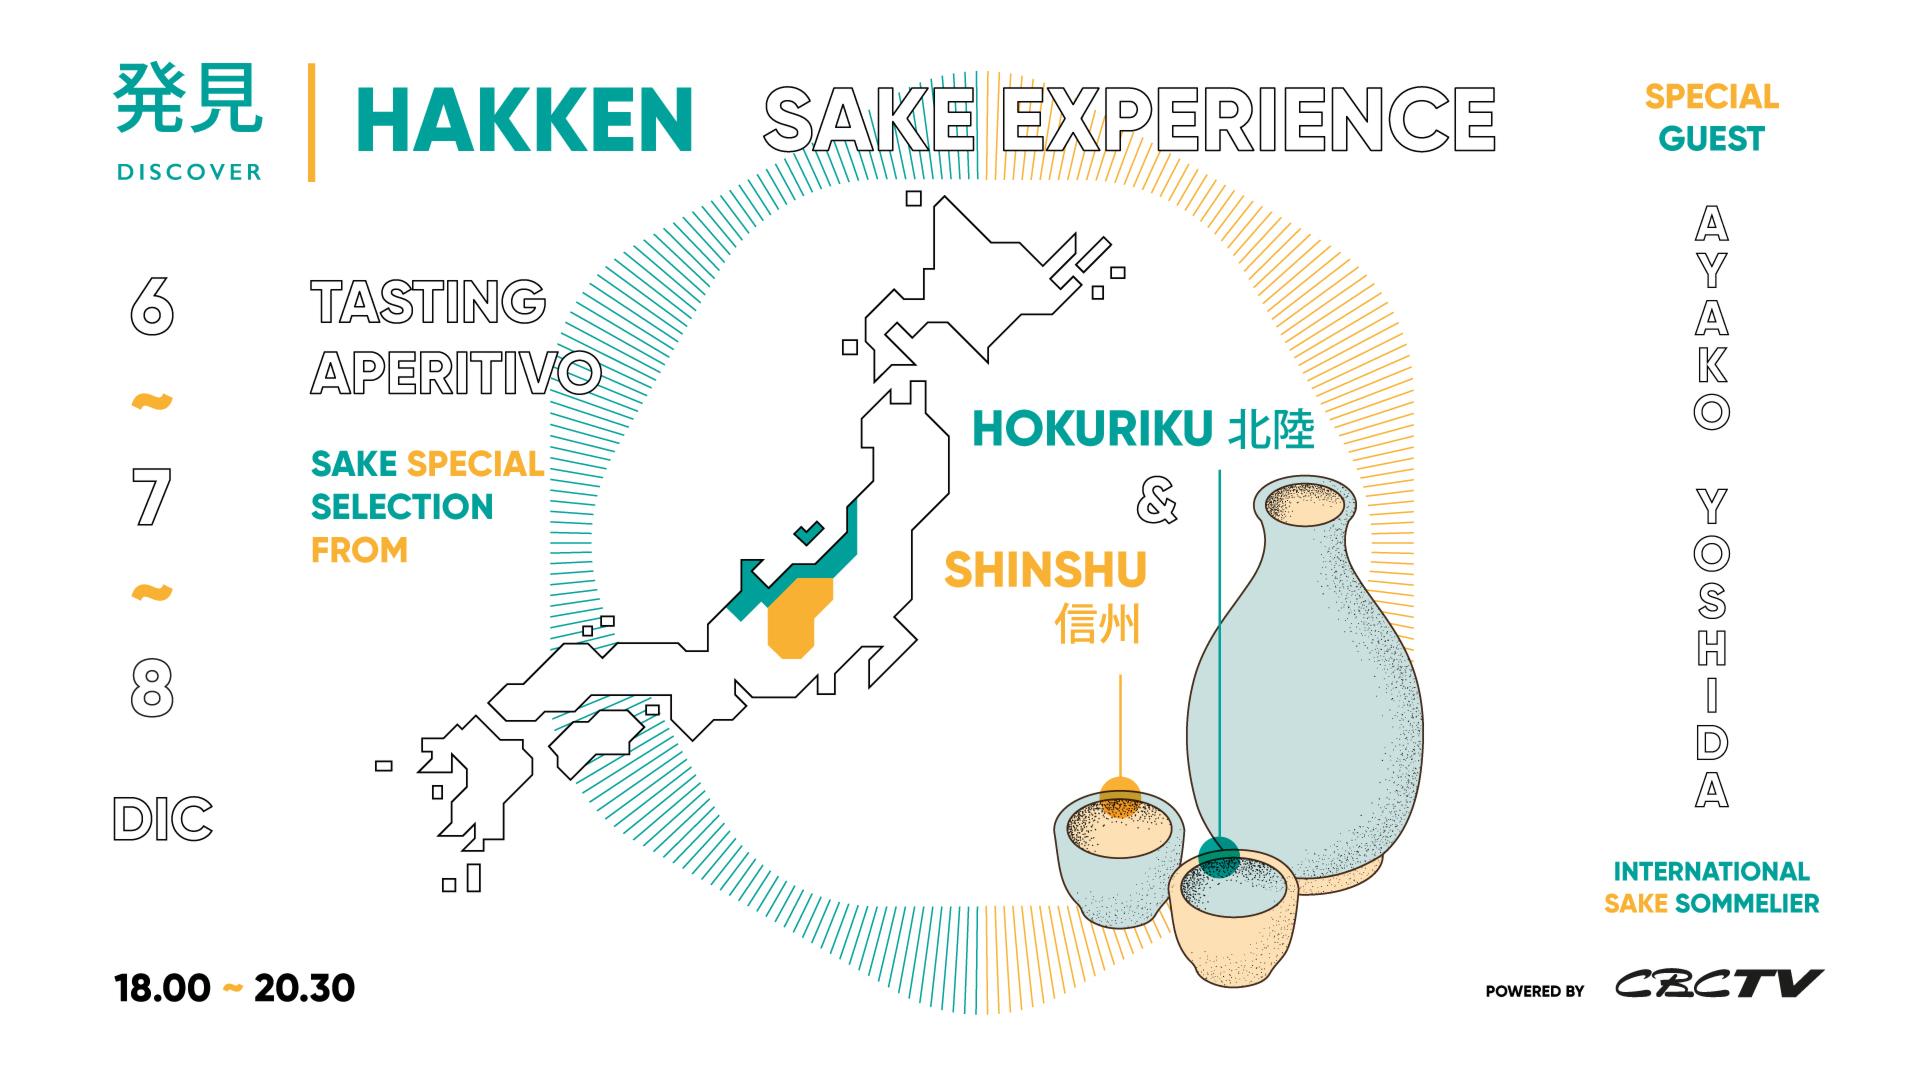 sake hakken